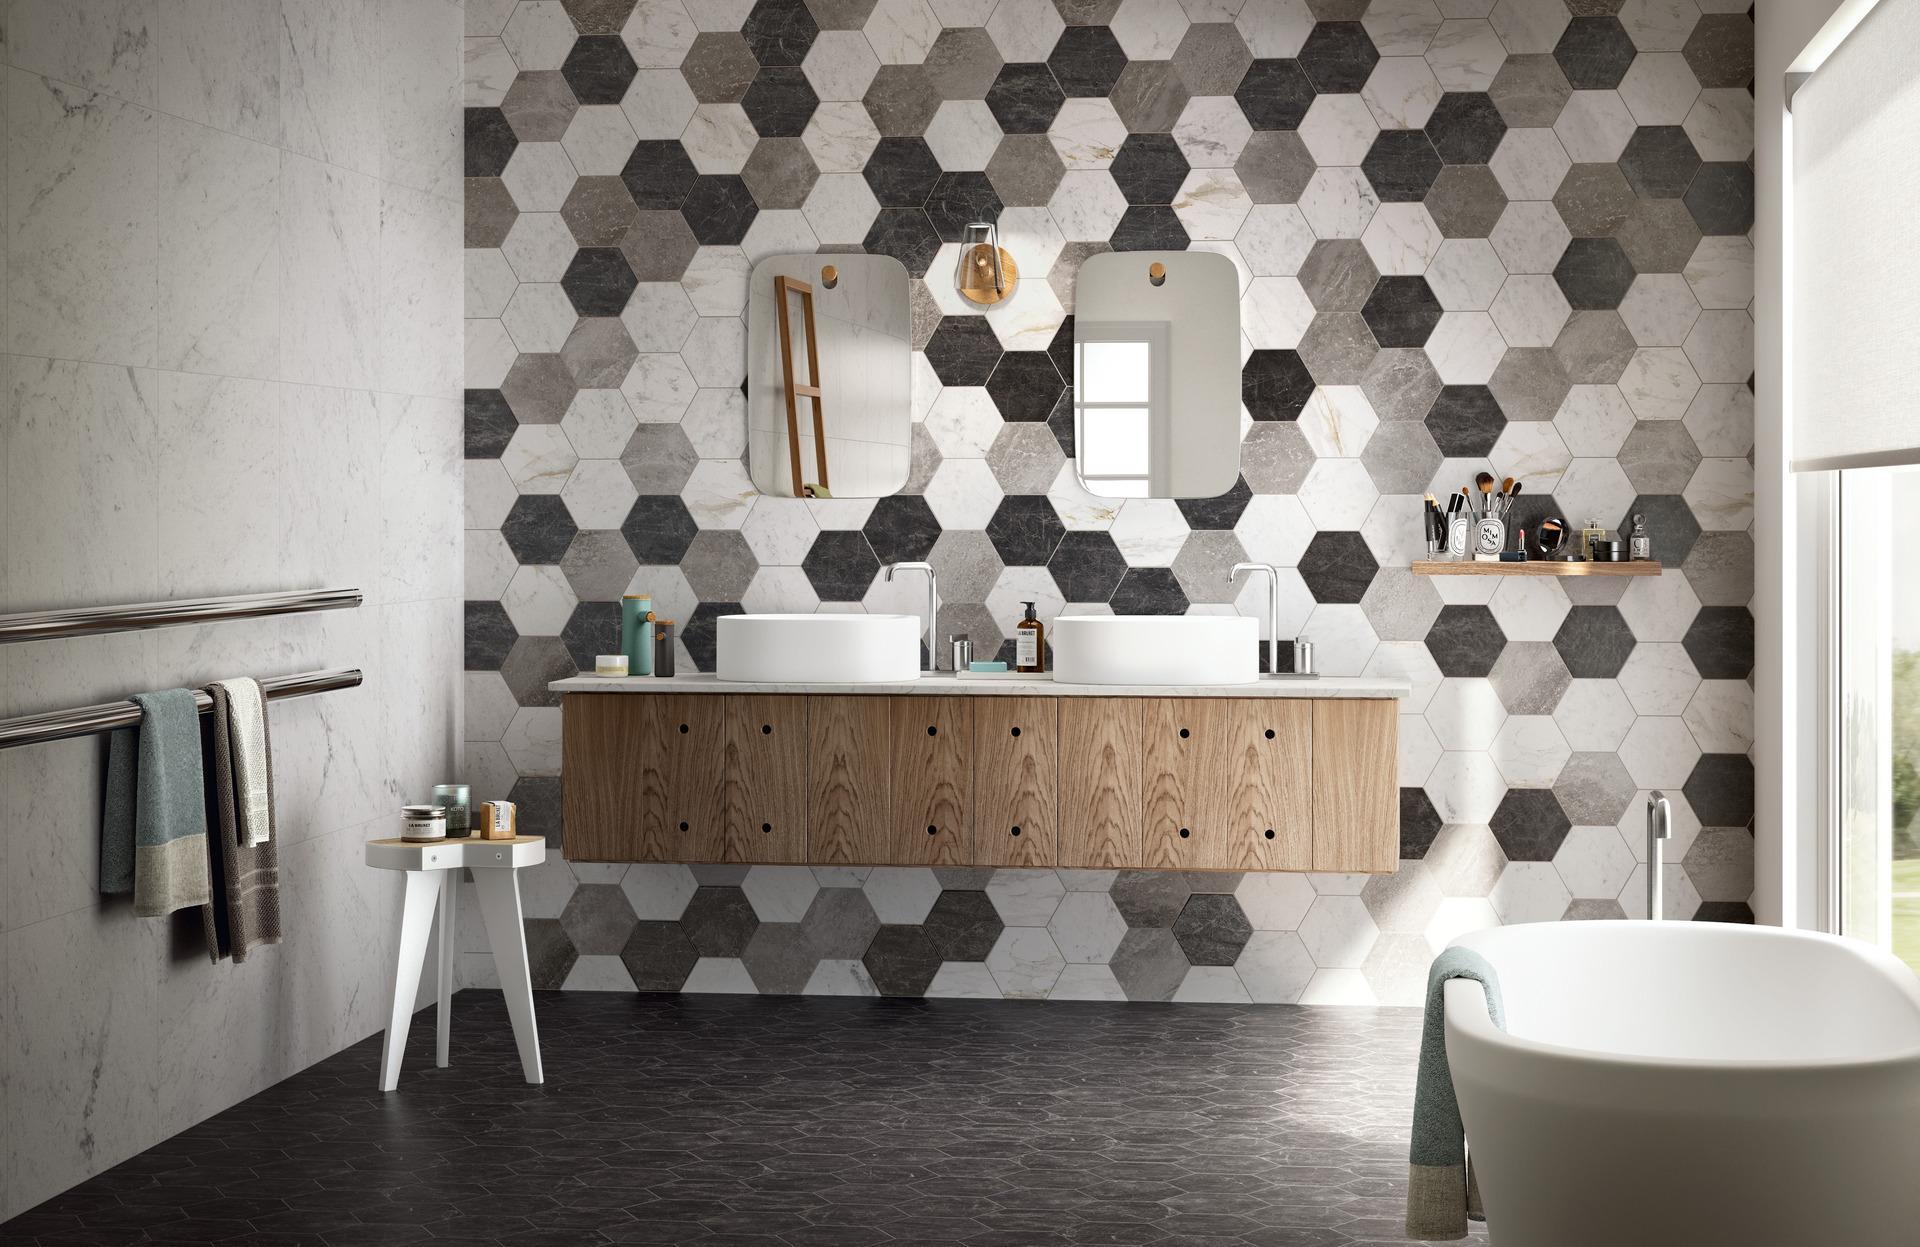 Pavimenti esagonali ragno prezzi ceramiche ragno best pavimenti